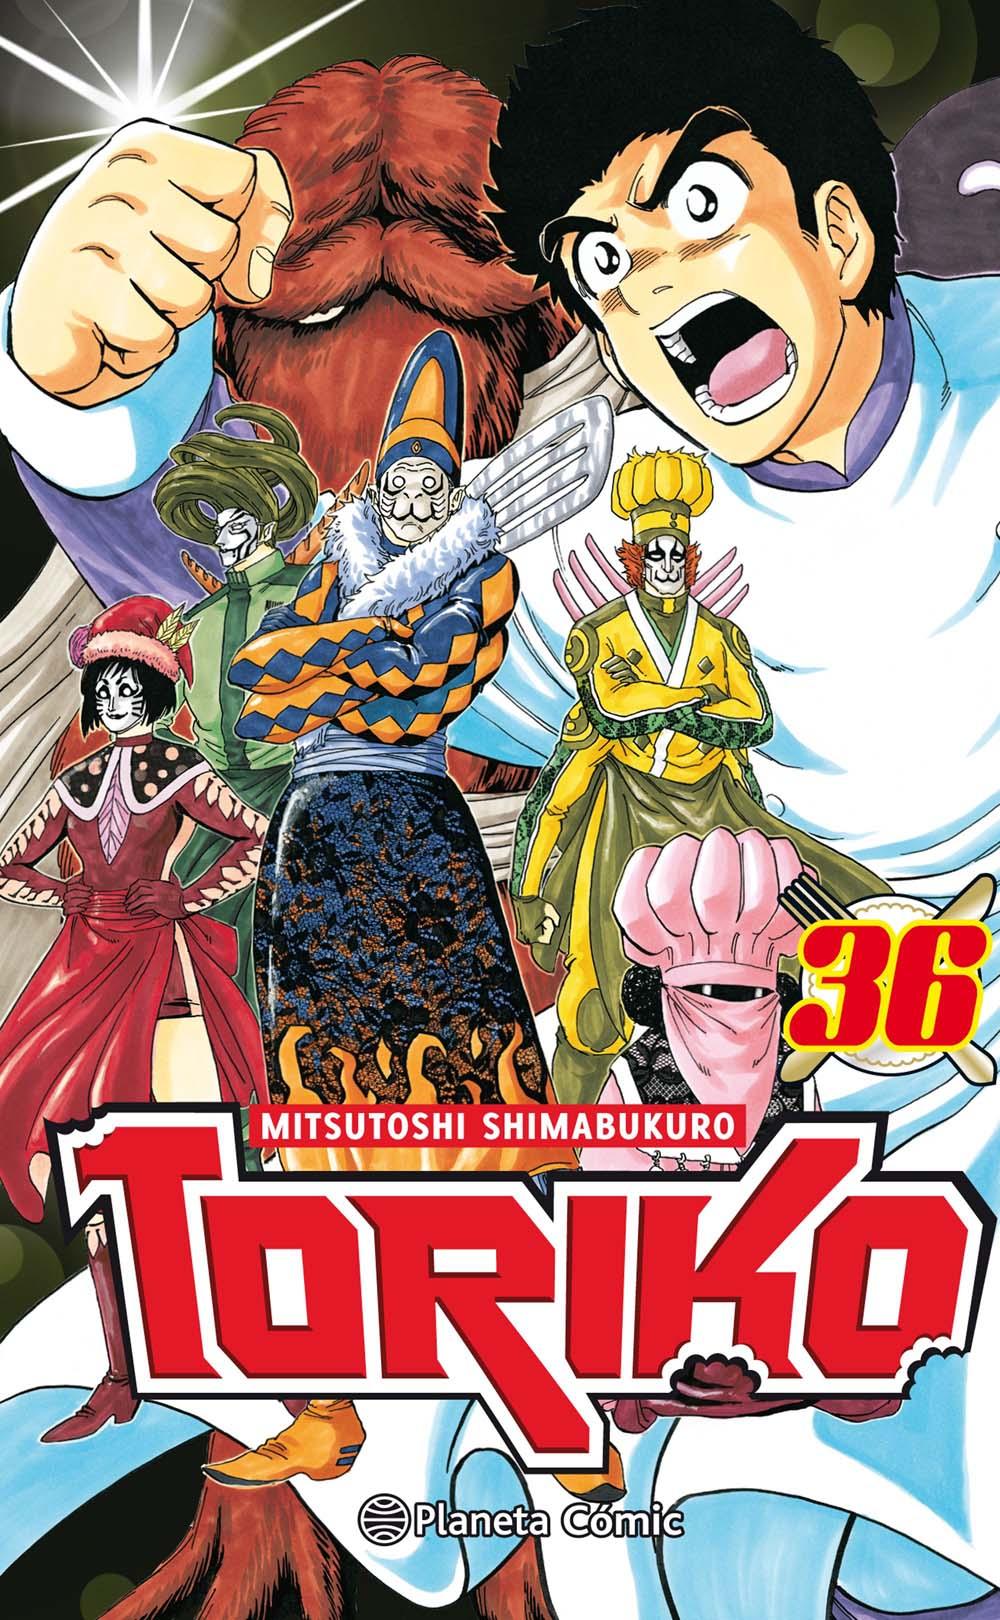 portada-toriko-n-3643-mitsutoshi-shimabukuro-201907121044.jpg